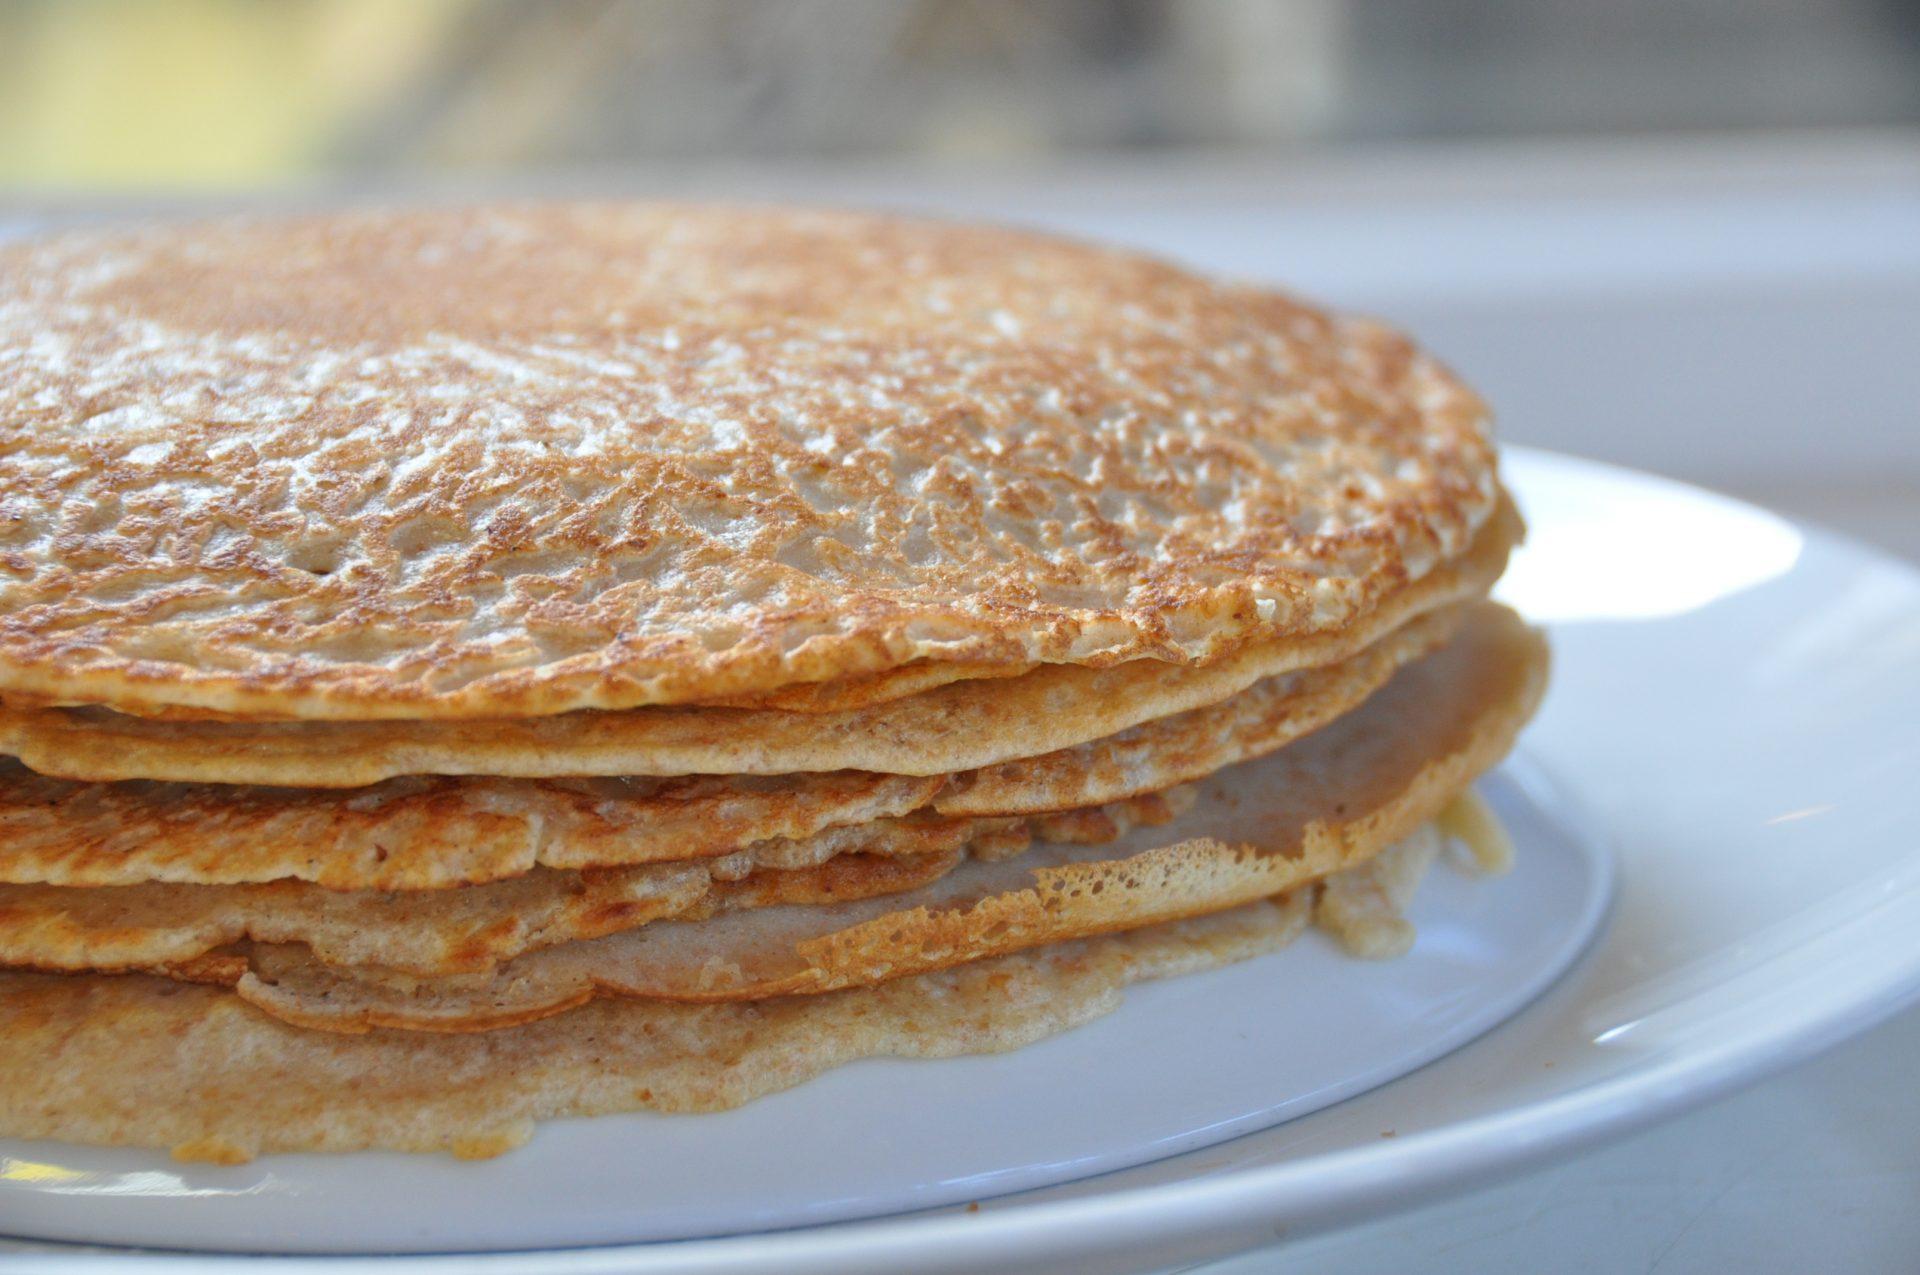 pannenkoeken eten doe je bij Wokpaleis Fryslân